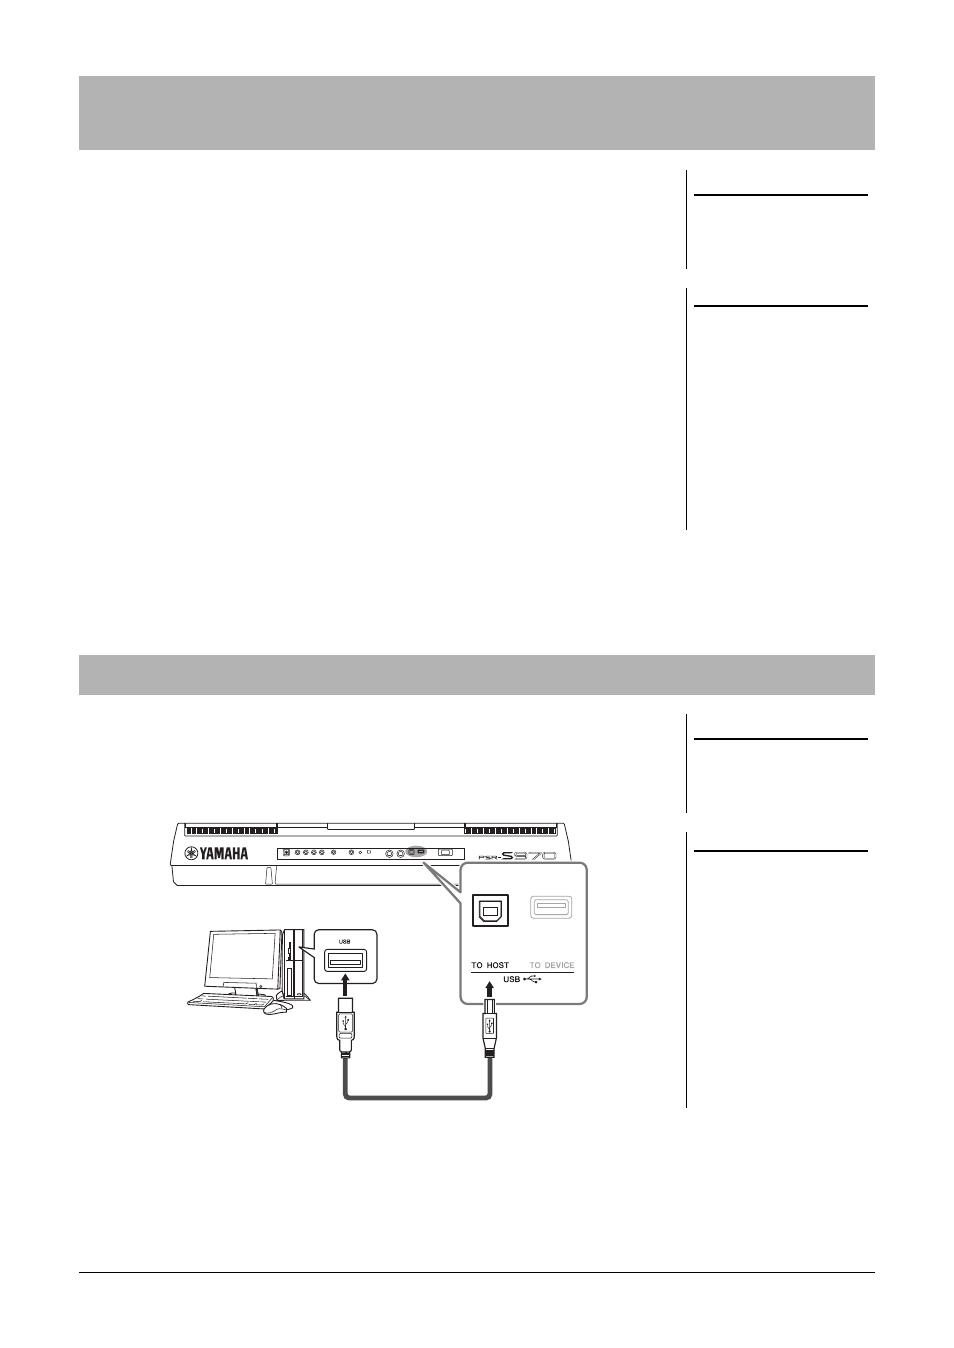 Инструкция по эксплуатации компьютерам